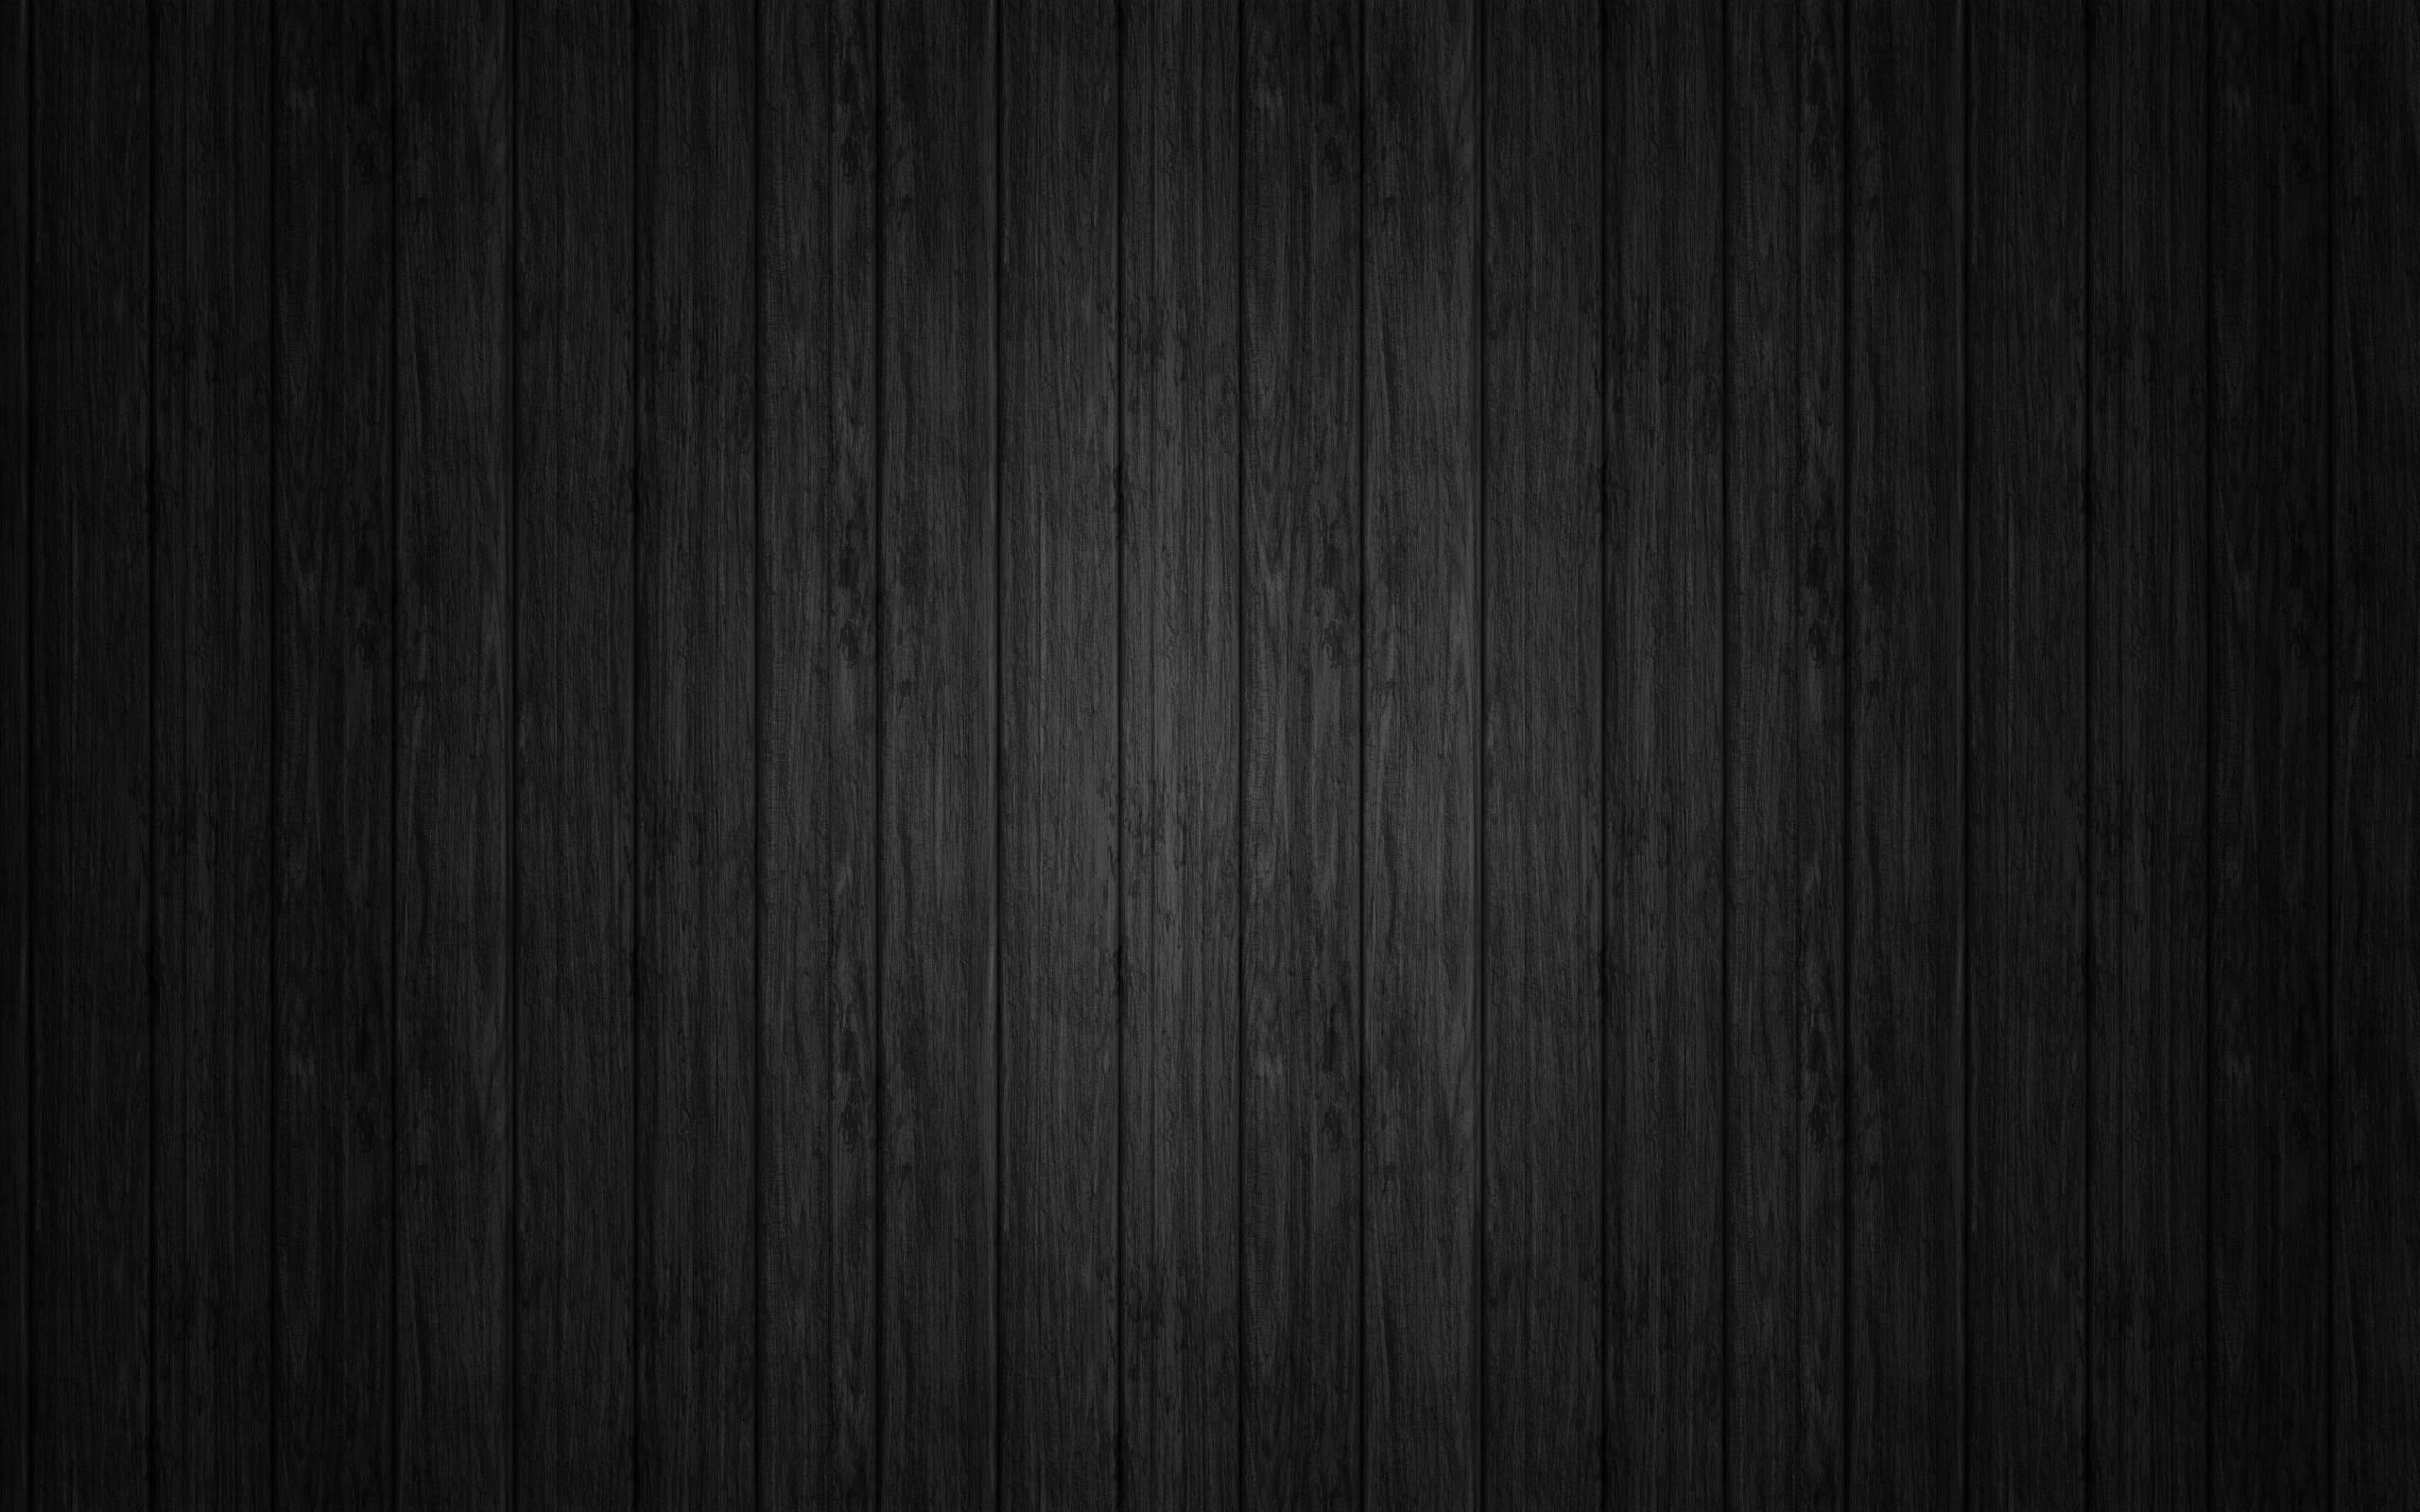 Nexus 7 Wallpapers Wallpaper Cave